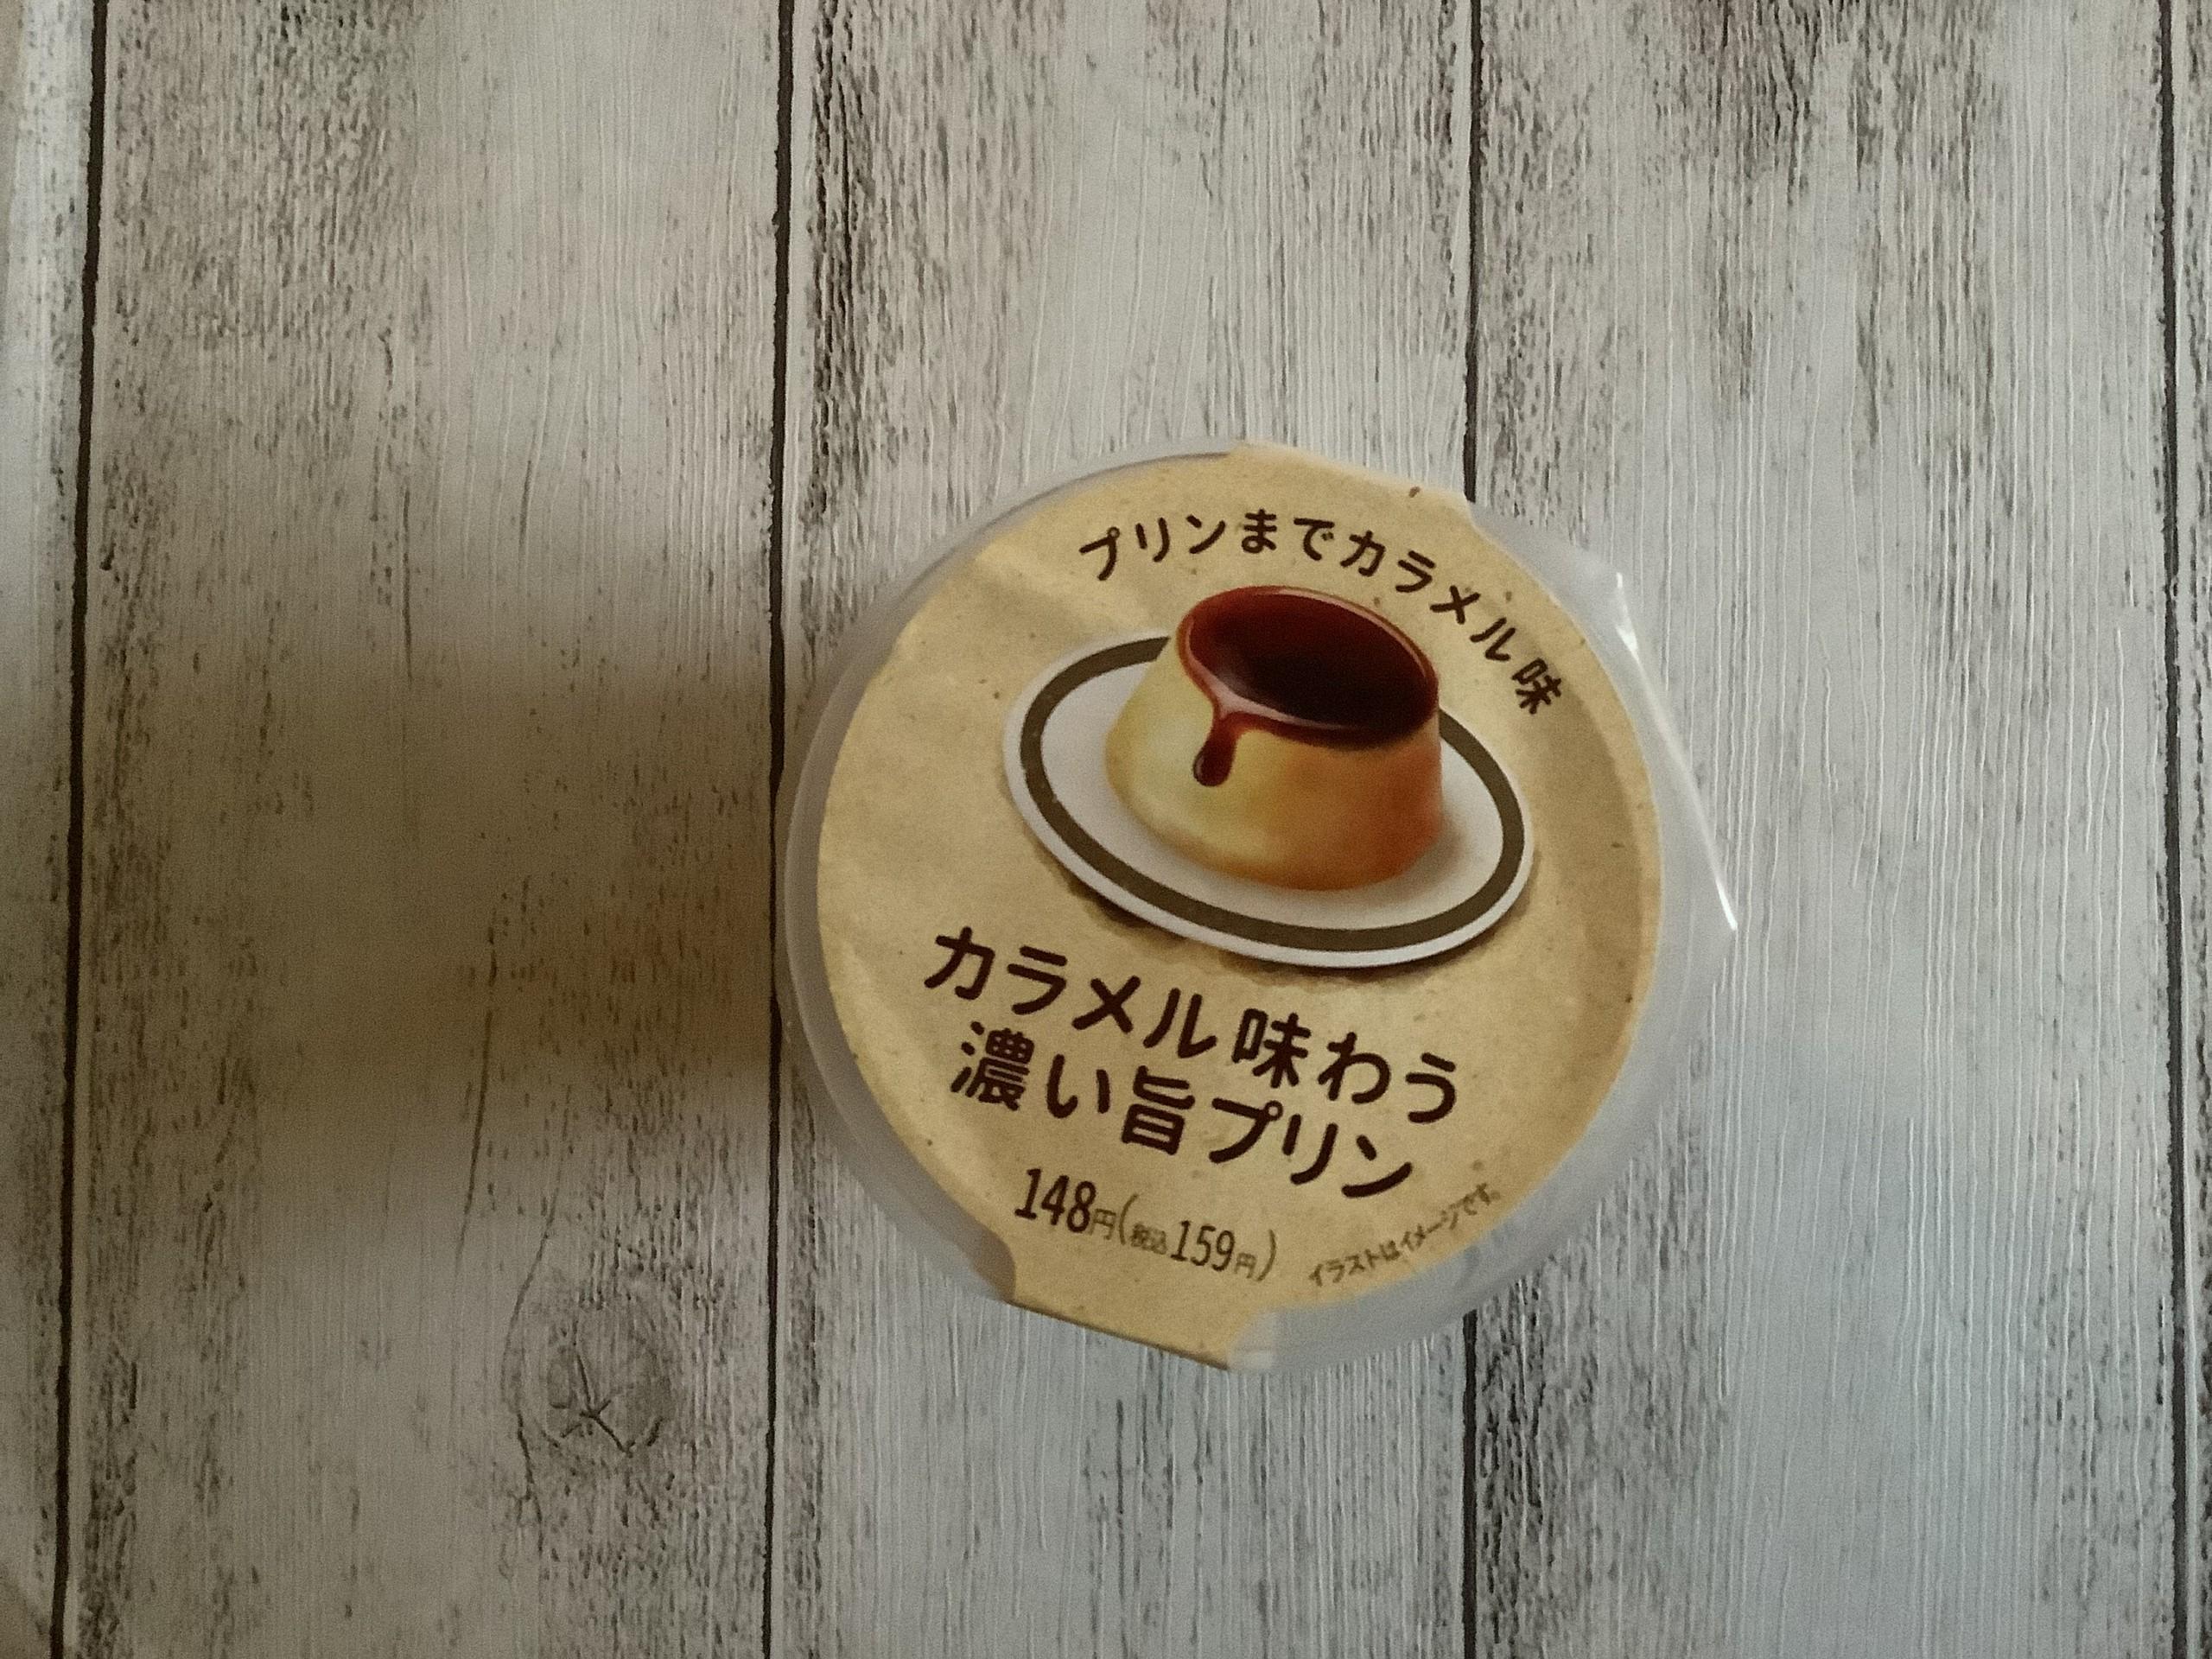 【ファミマ】プリンまでカラメル味!?濃い旨プリンを実食レビュー